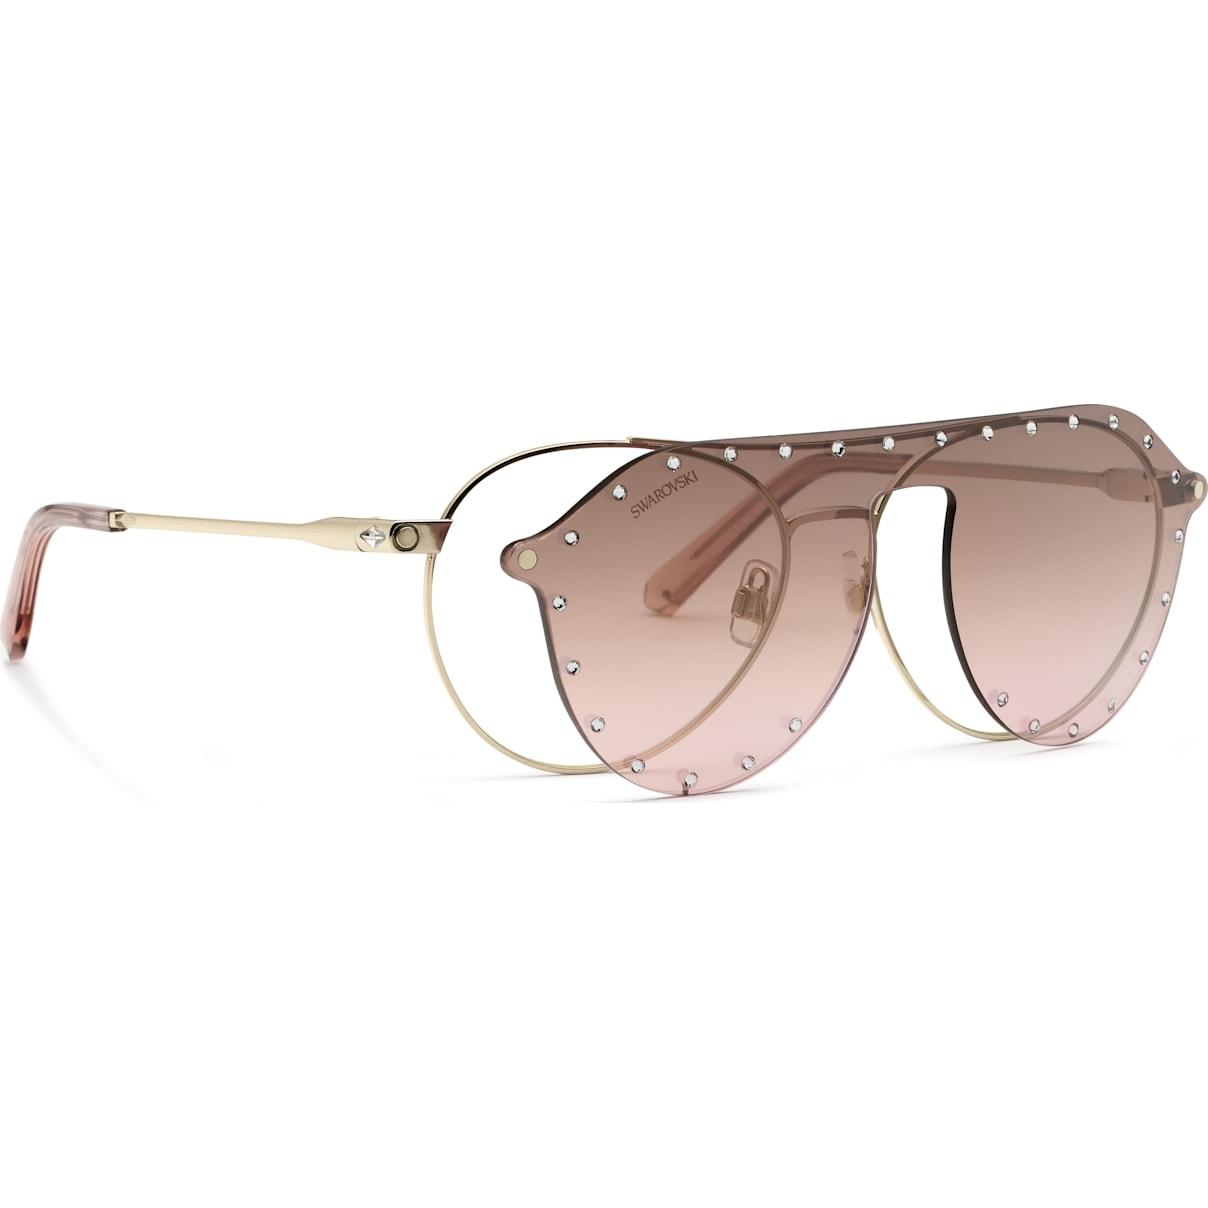 Swarovski Swarovski Sunglasses with Click-on Mask, SK0276 – H 54032, Pink